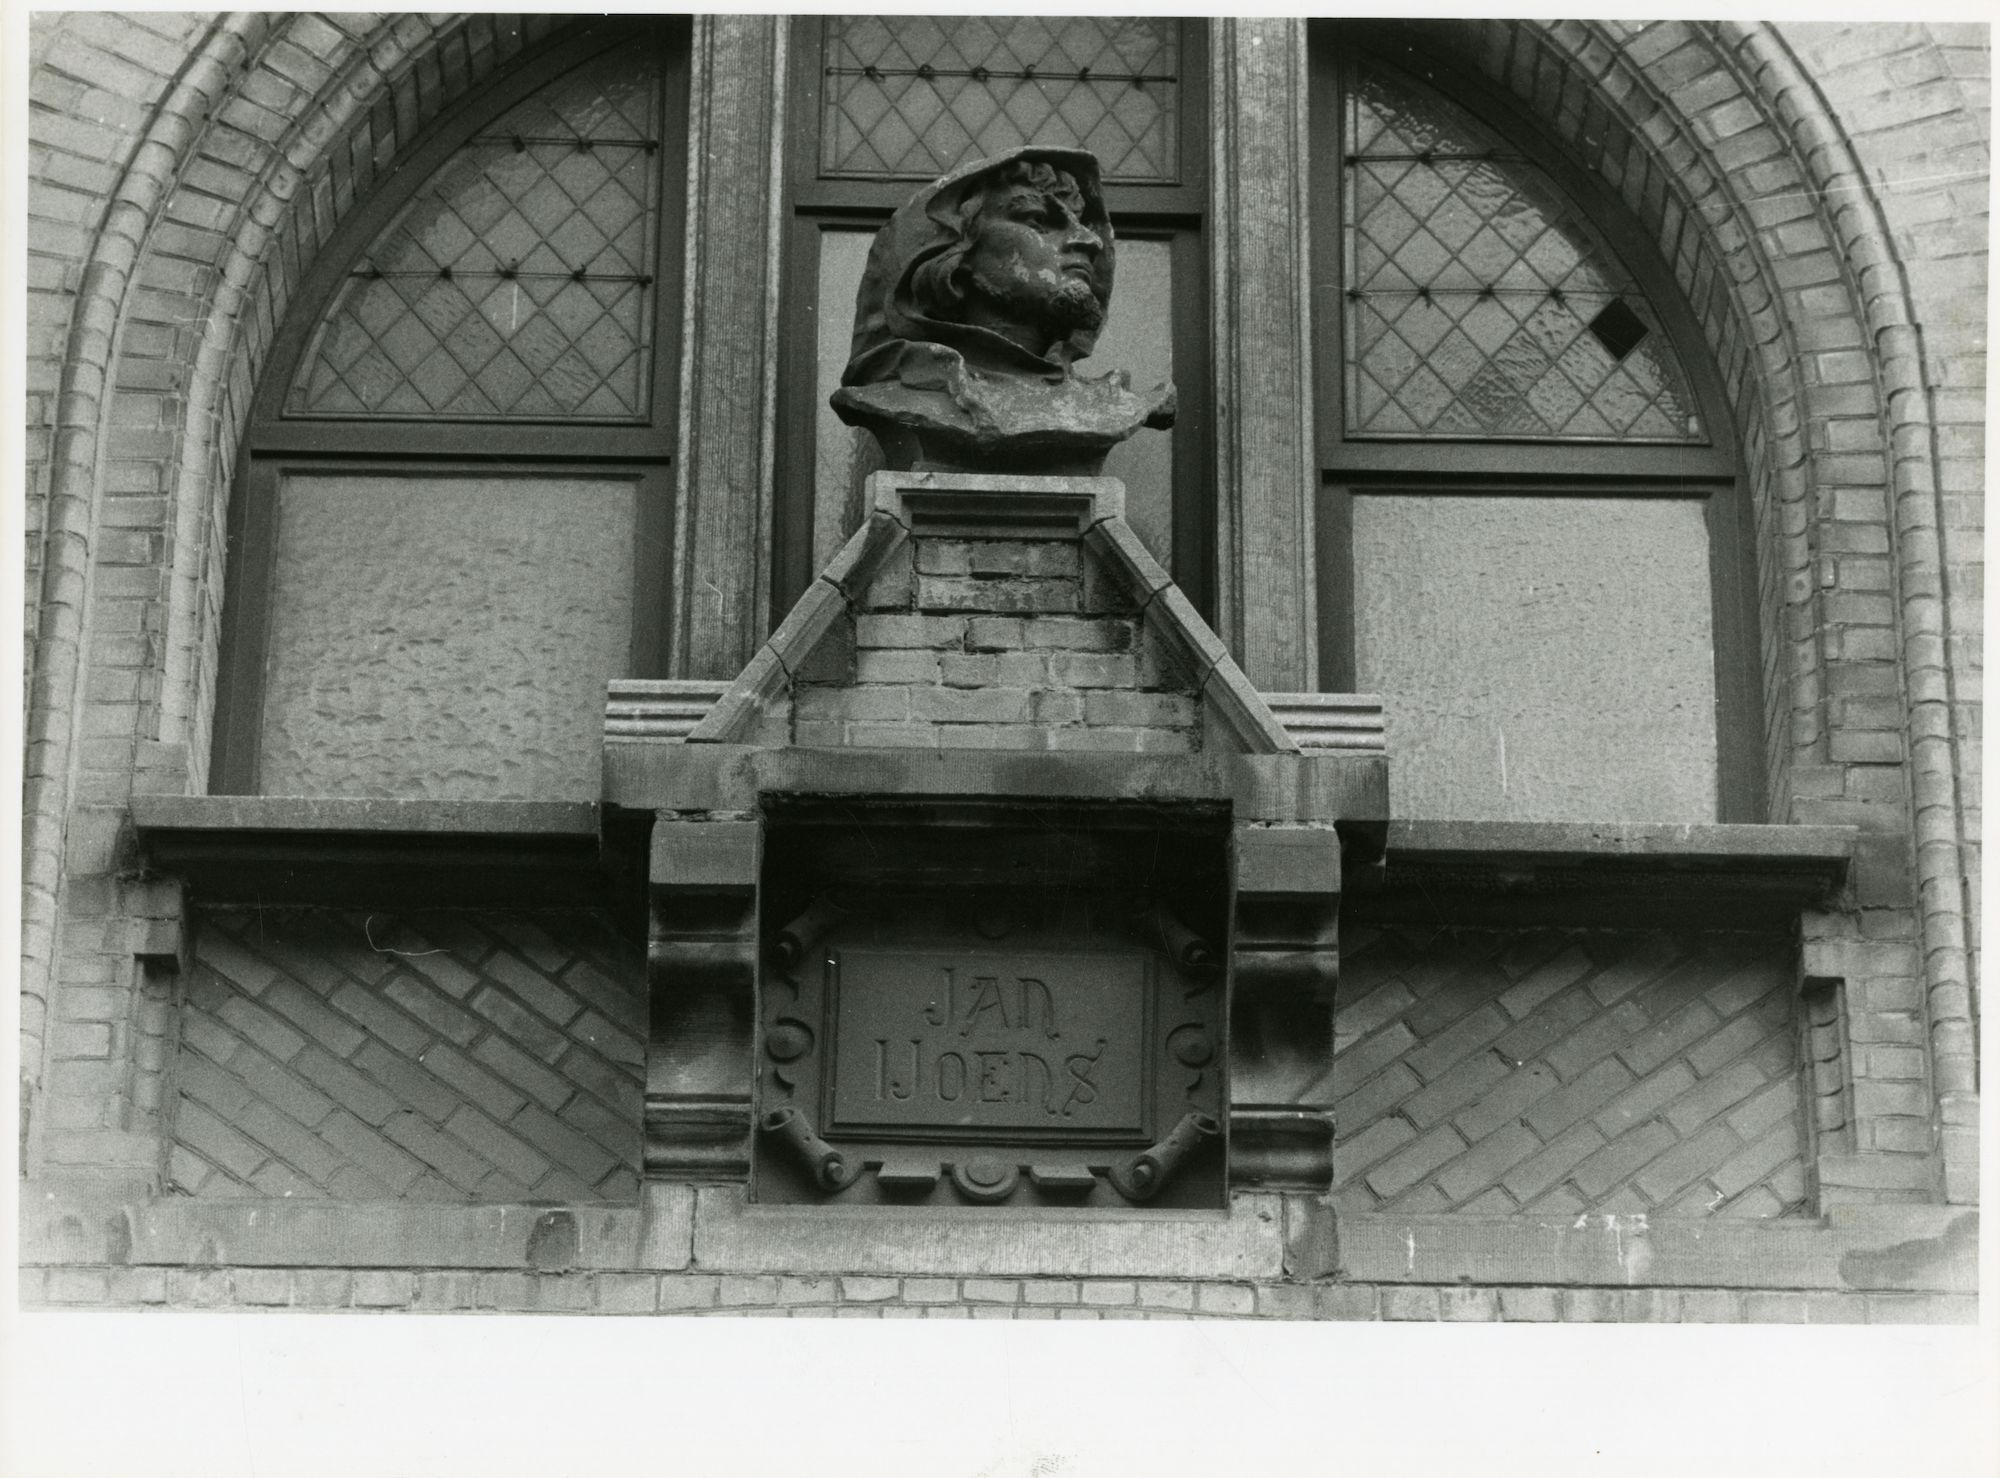 Gent: Belfortstraat: buste: Jan Yoens, 1979